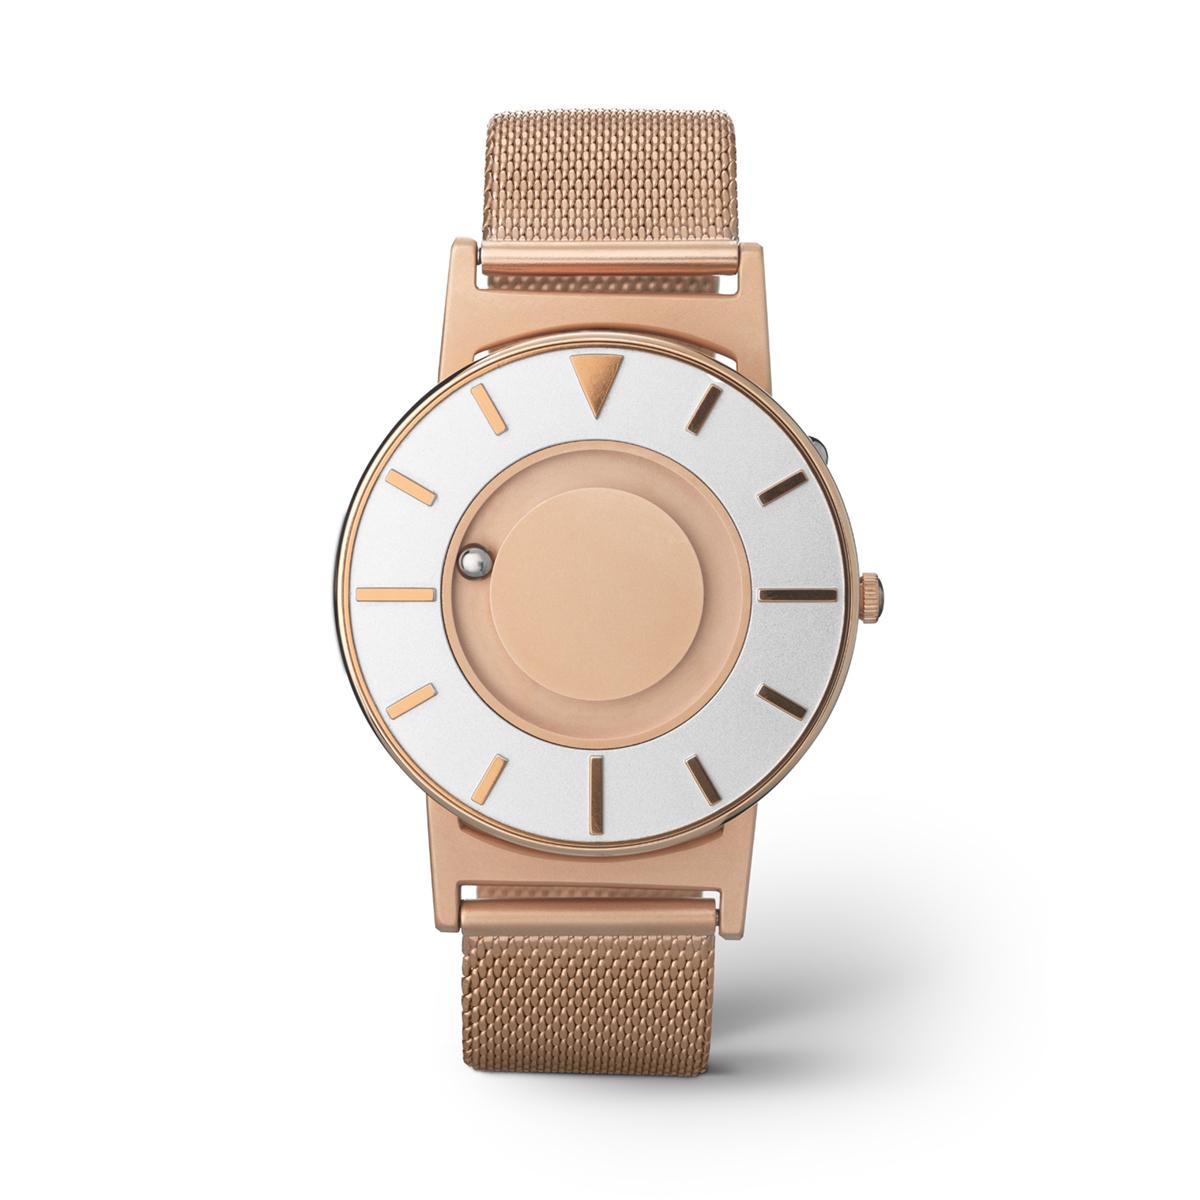 触る時計『EONE』 《MESH GOLD/2色》なめらかな装着感のメッシュバンド、触って時間を知る時計  EONE